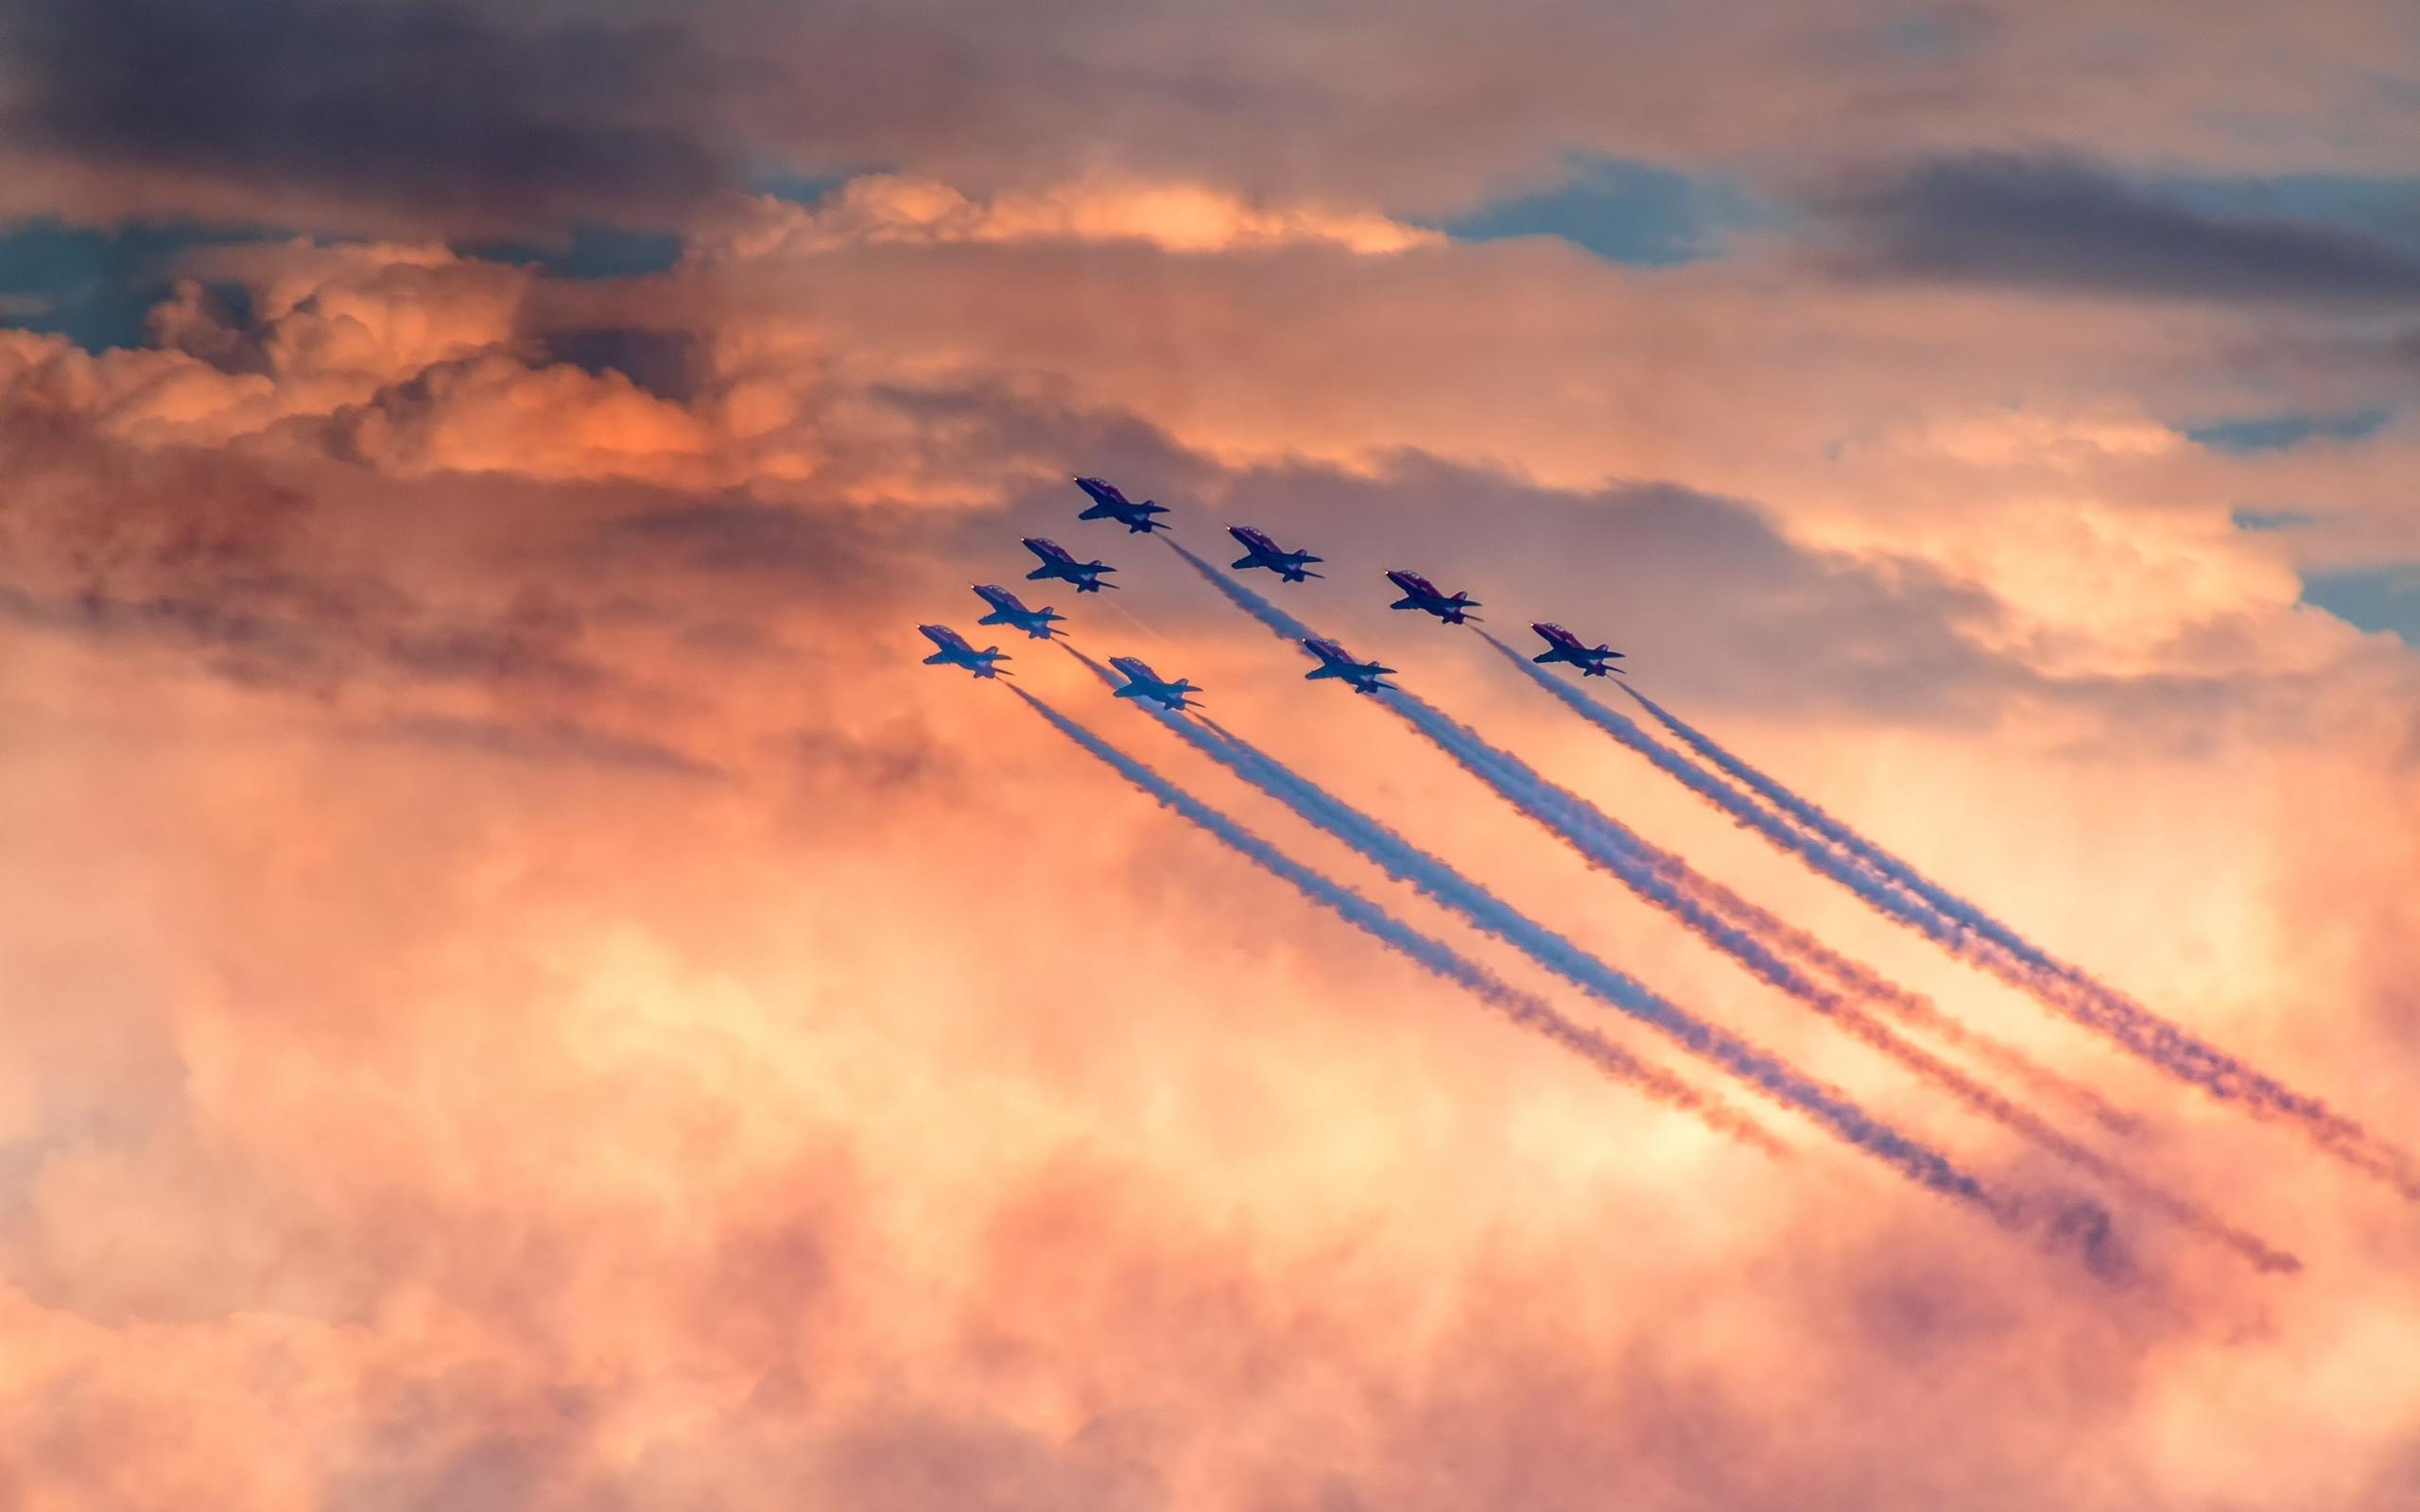 небо, облака, самолет, авиация, самолеты, авиа-шоу